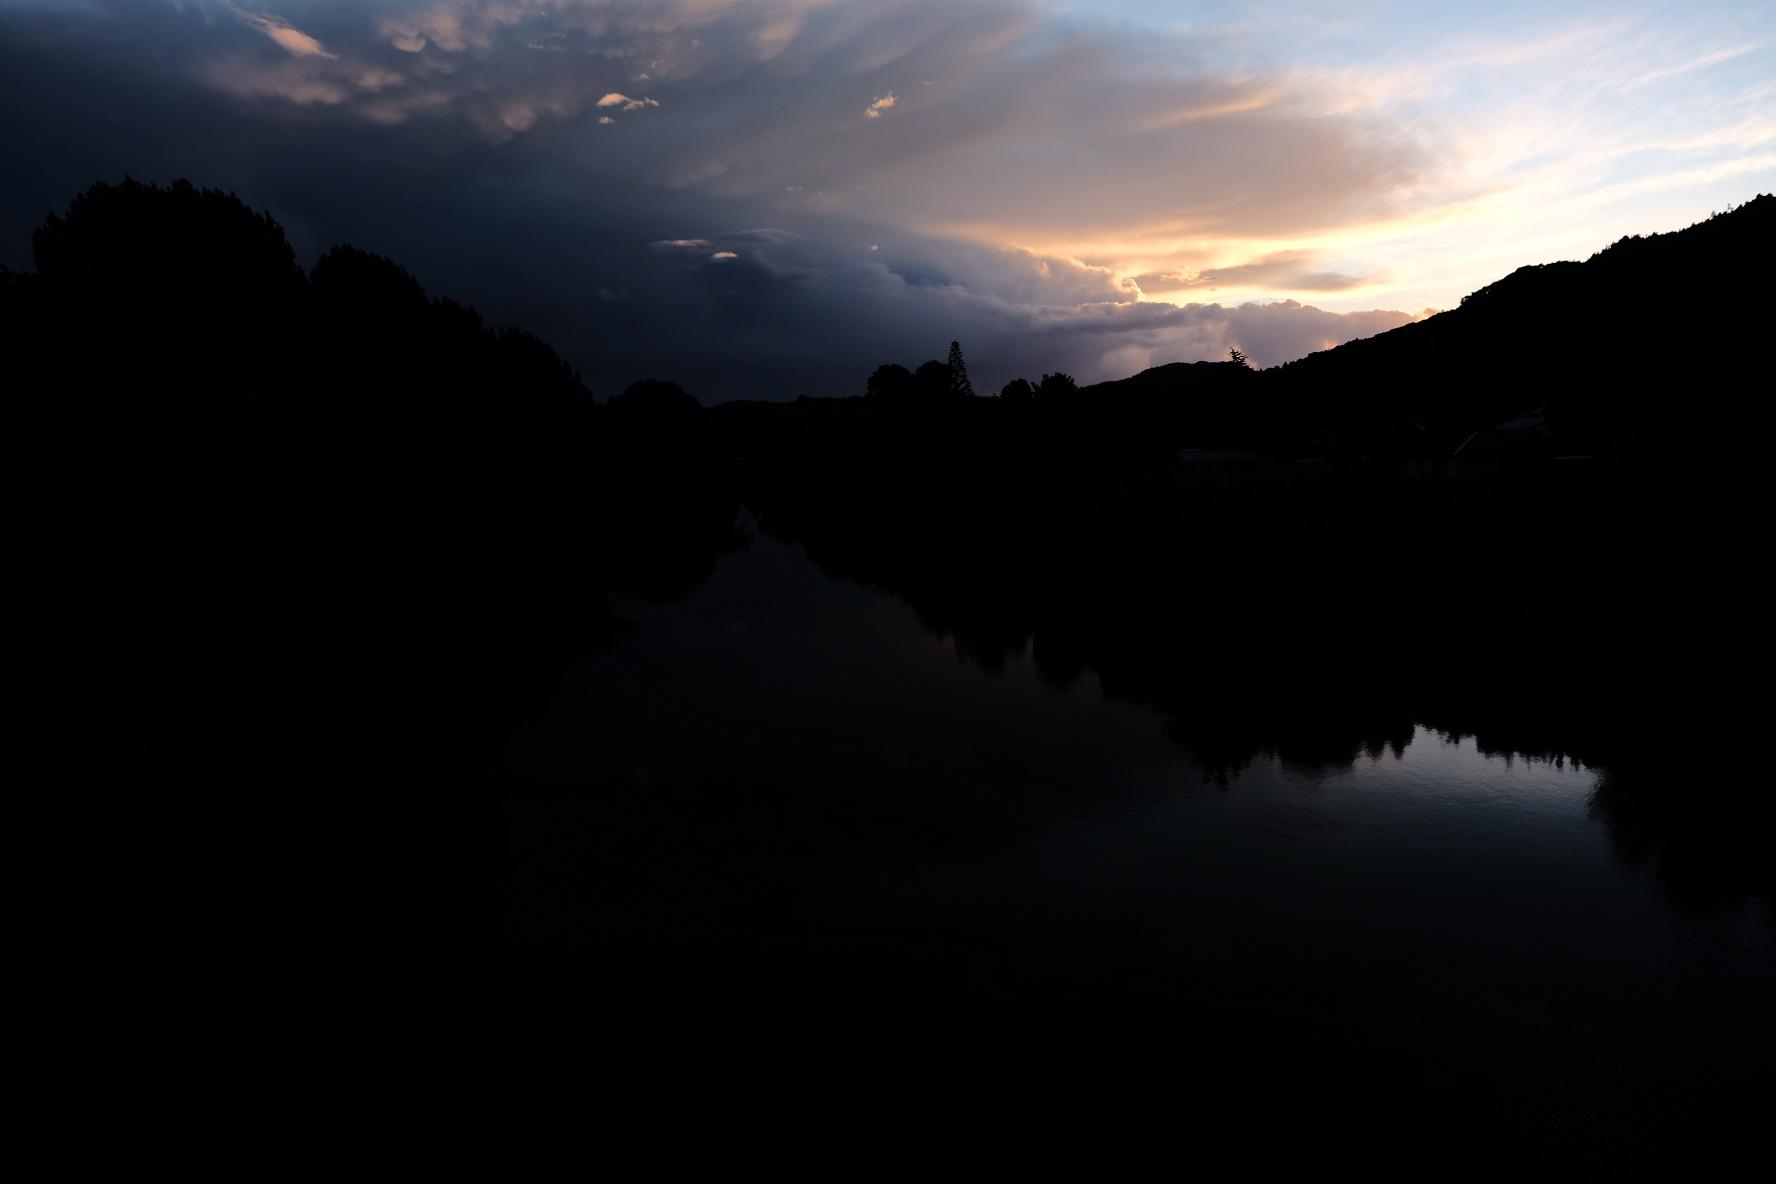 Brooding sunset over Ngaruawahia